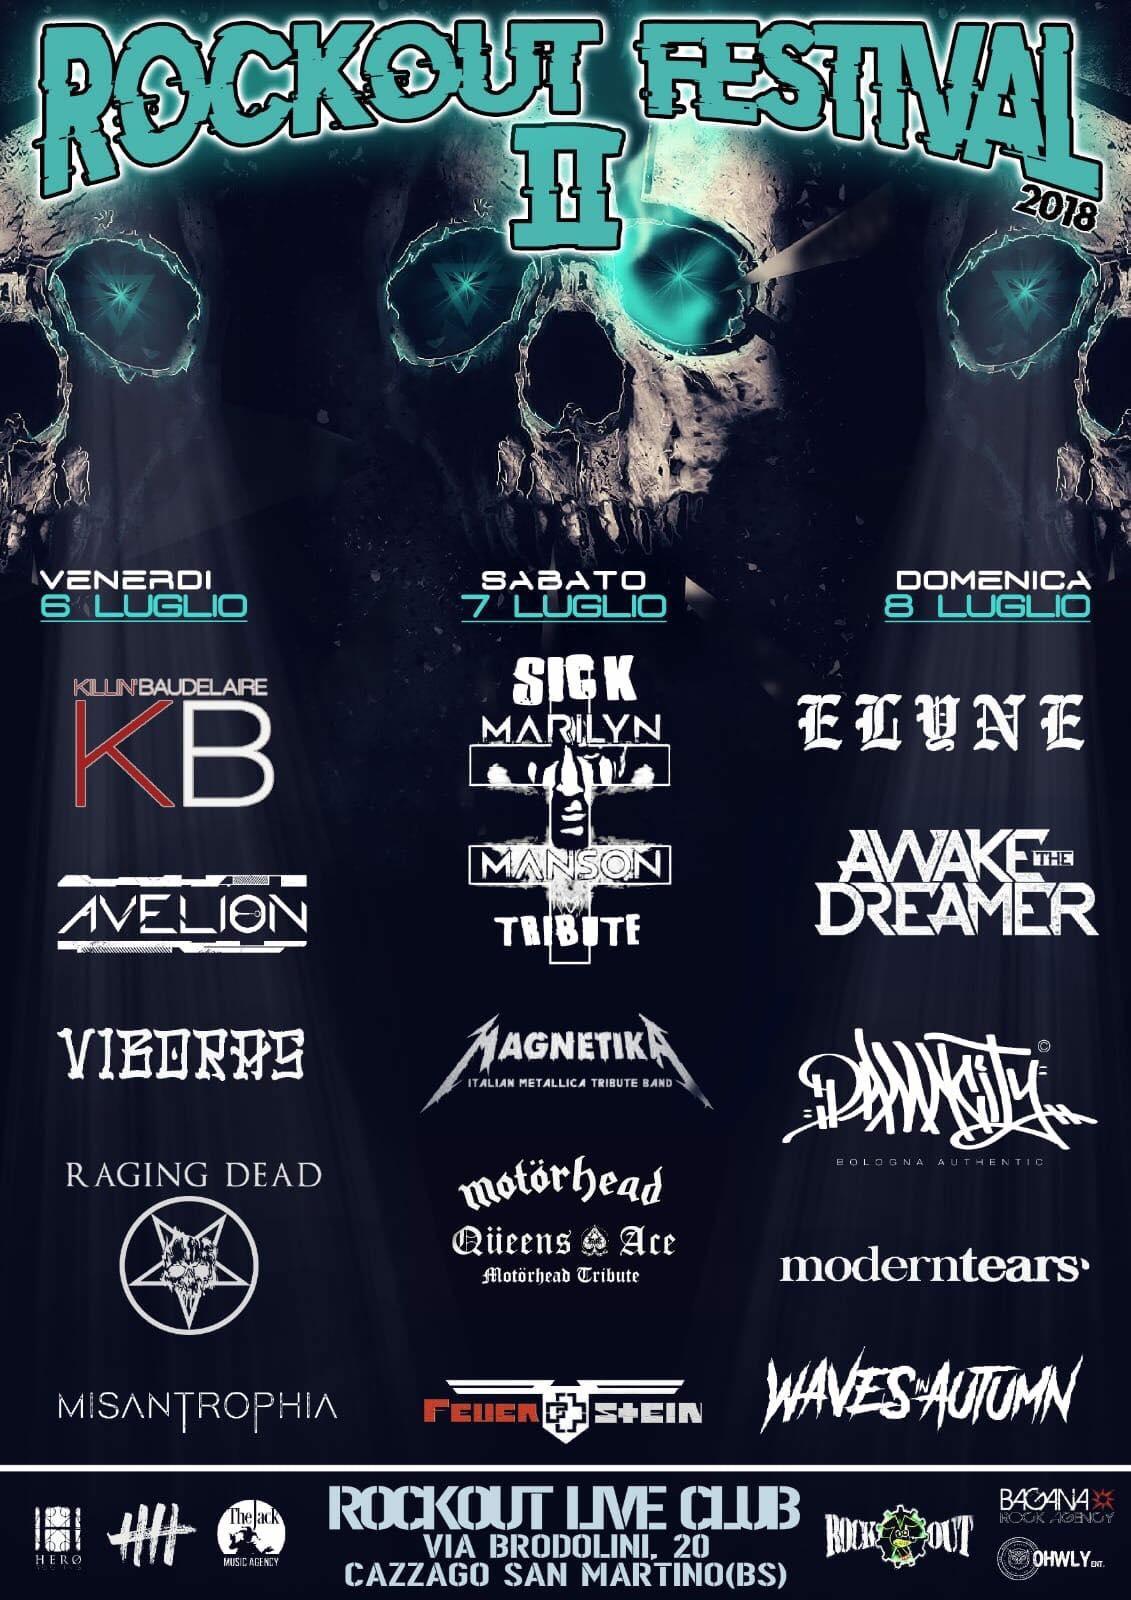 Rockout Festival II° Edition – Pronti ad infiammare un'altra estate